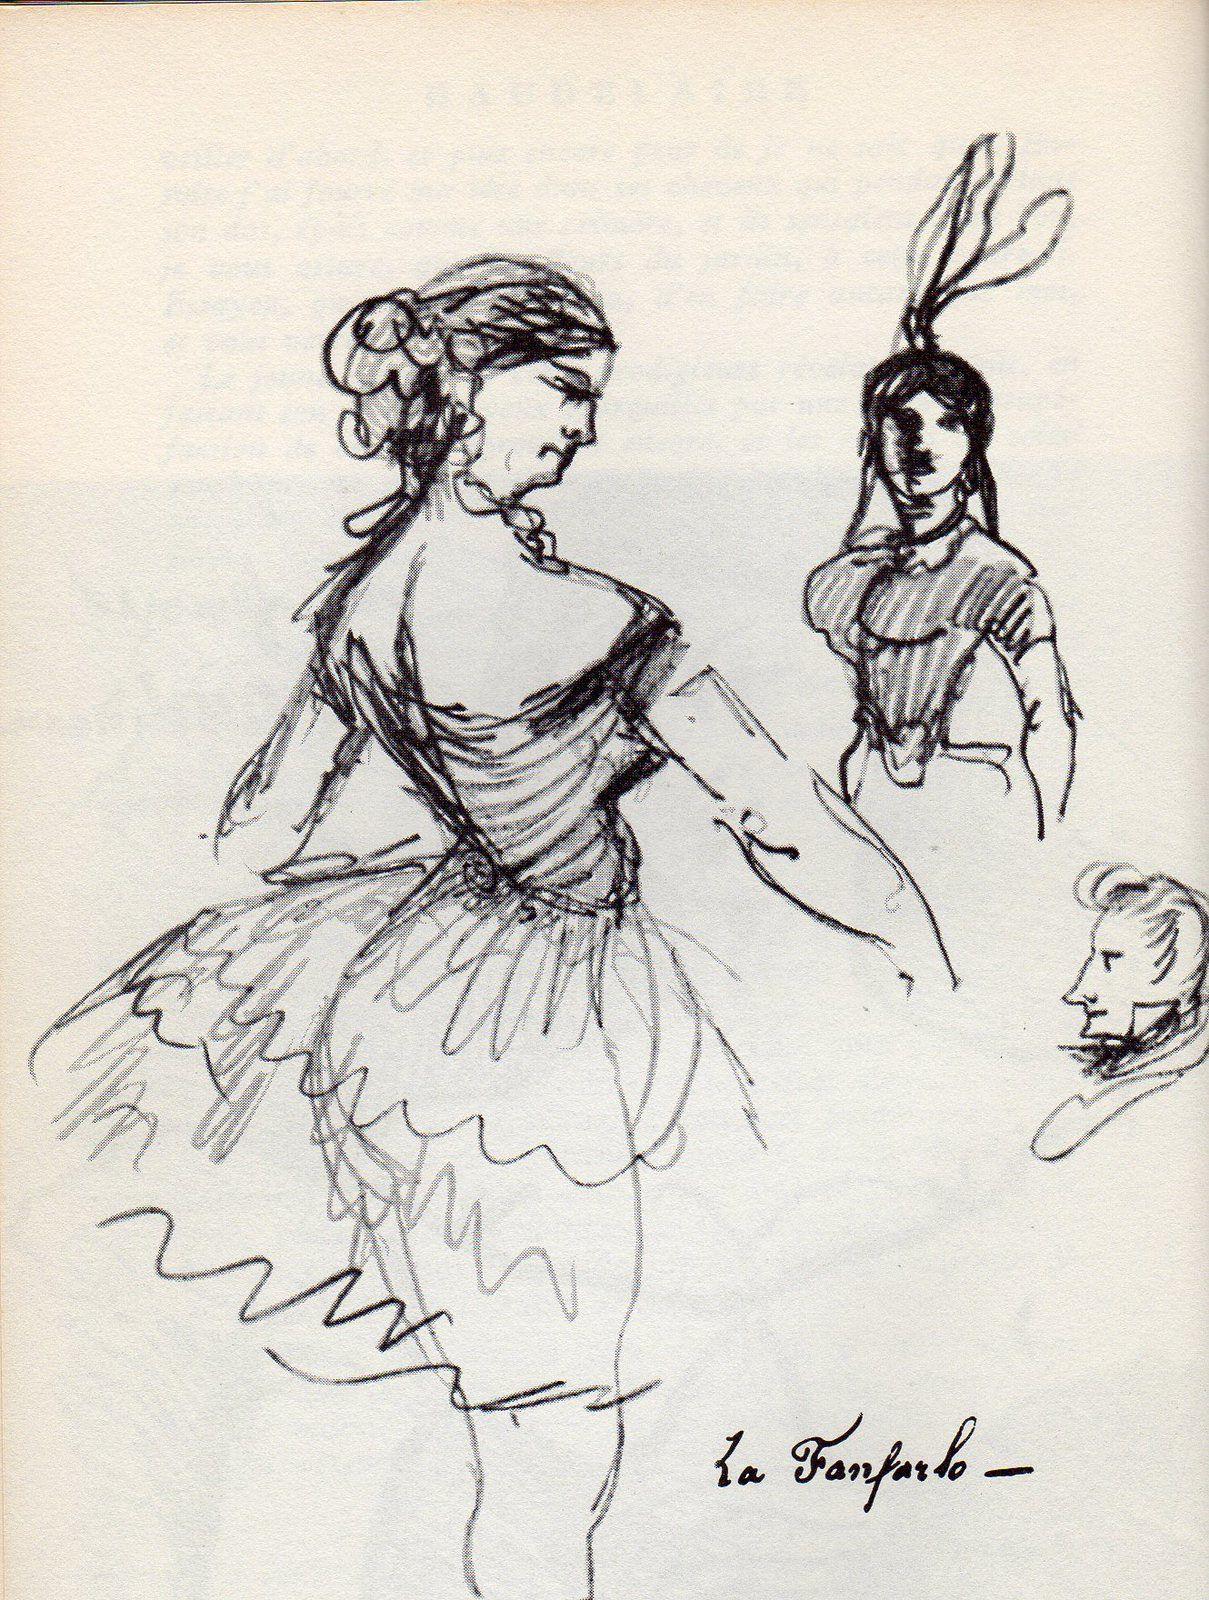 Dessin de Baudelaire intitulé La Fanfarlo. À droite Baudelaire, son amant. Ce dessin est reproduit page 38 du Baudelaire par lui-même, Seuil 1952, présenté par Pascal Pia.